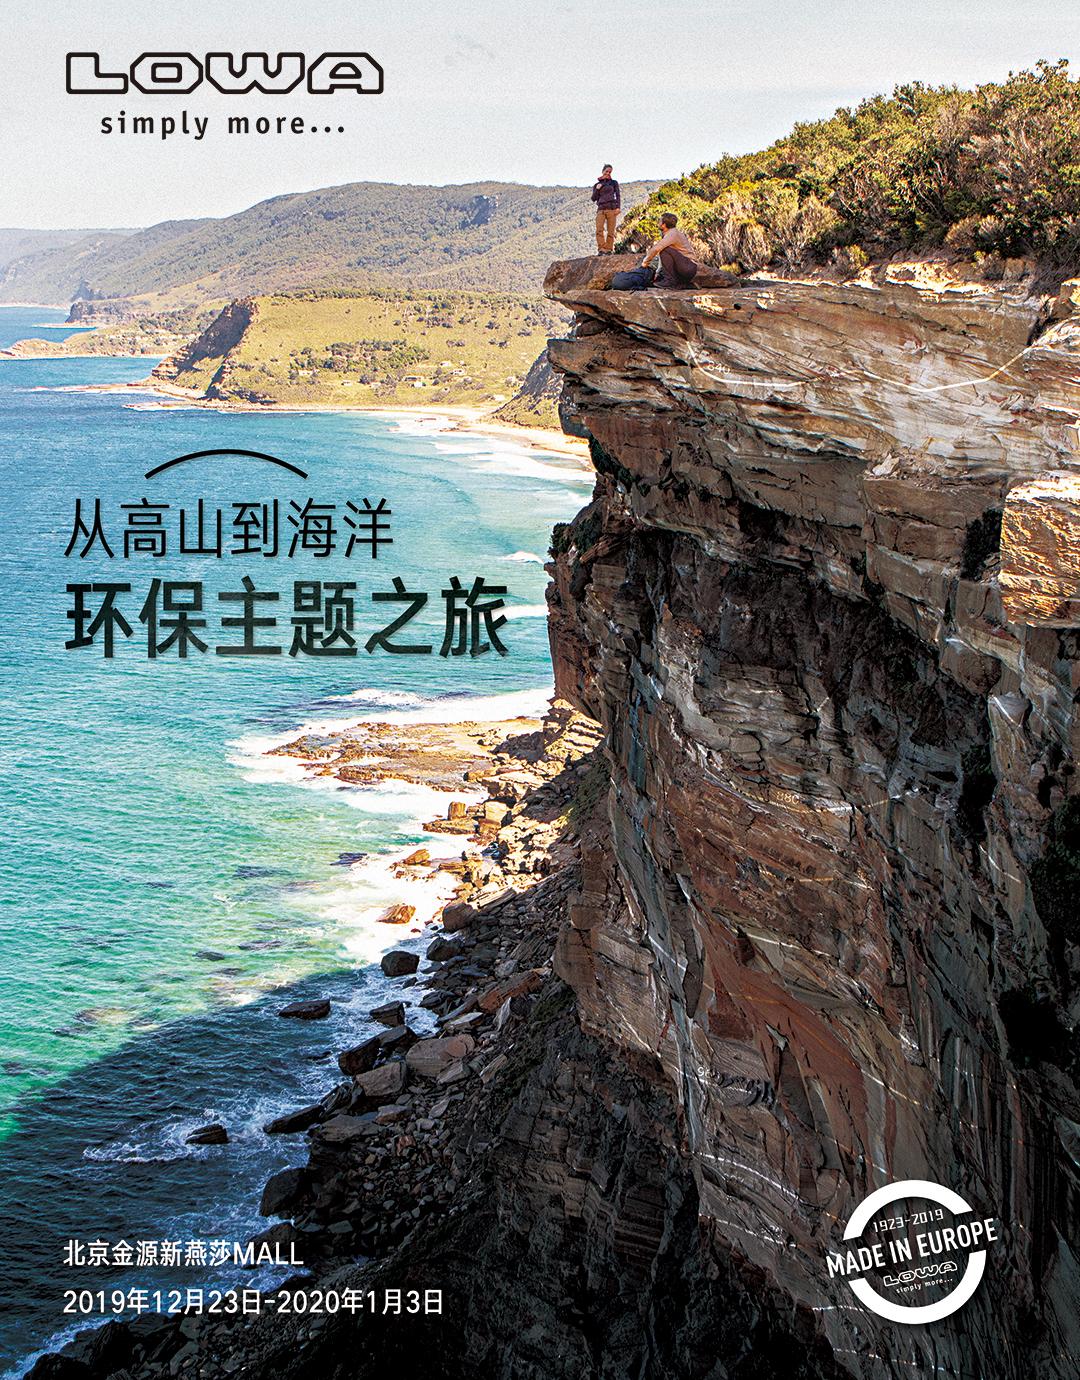 从高山到海洋,一路与LOWA见证